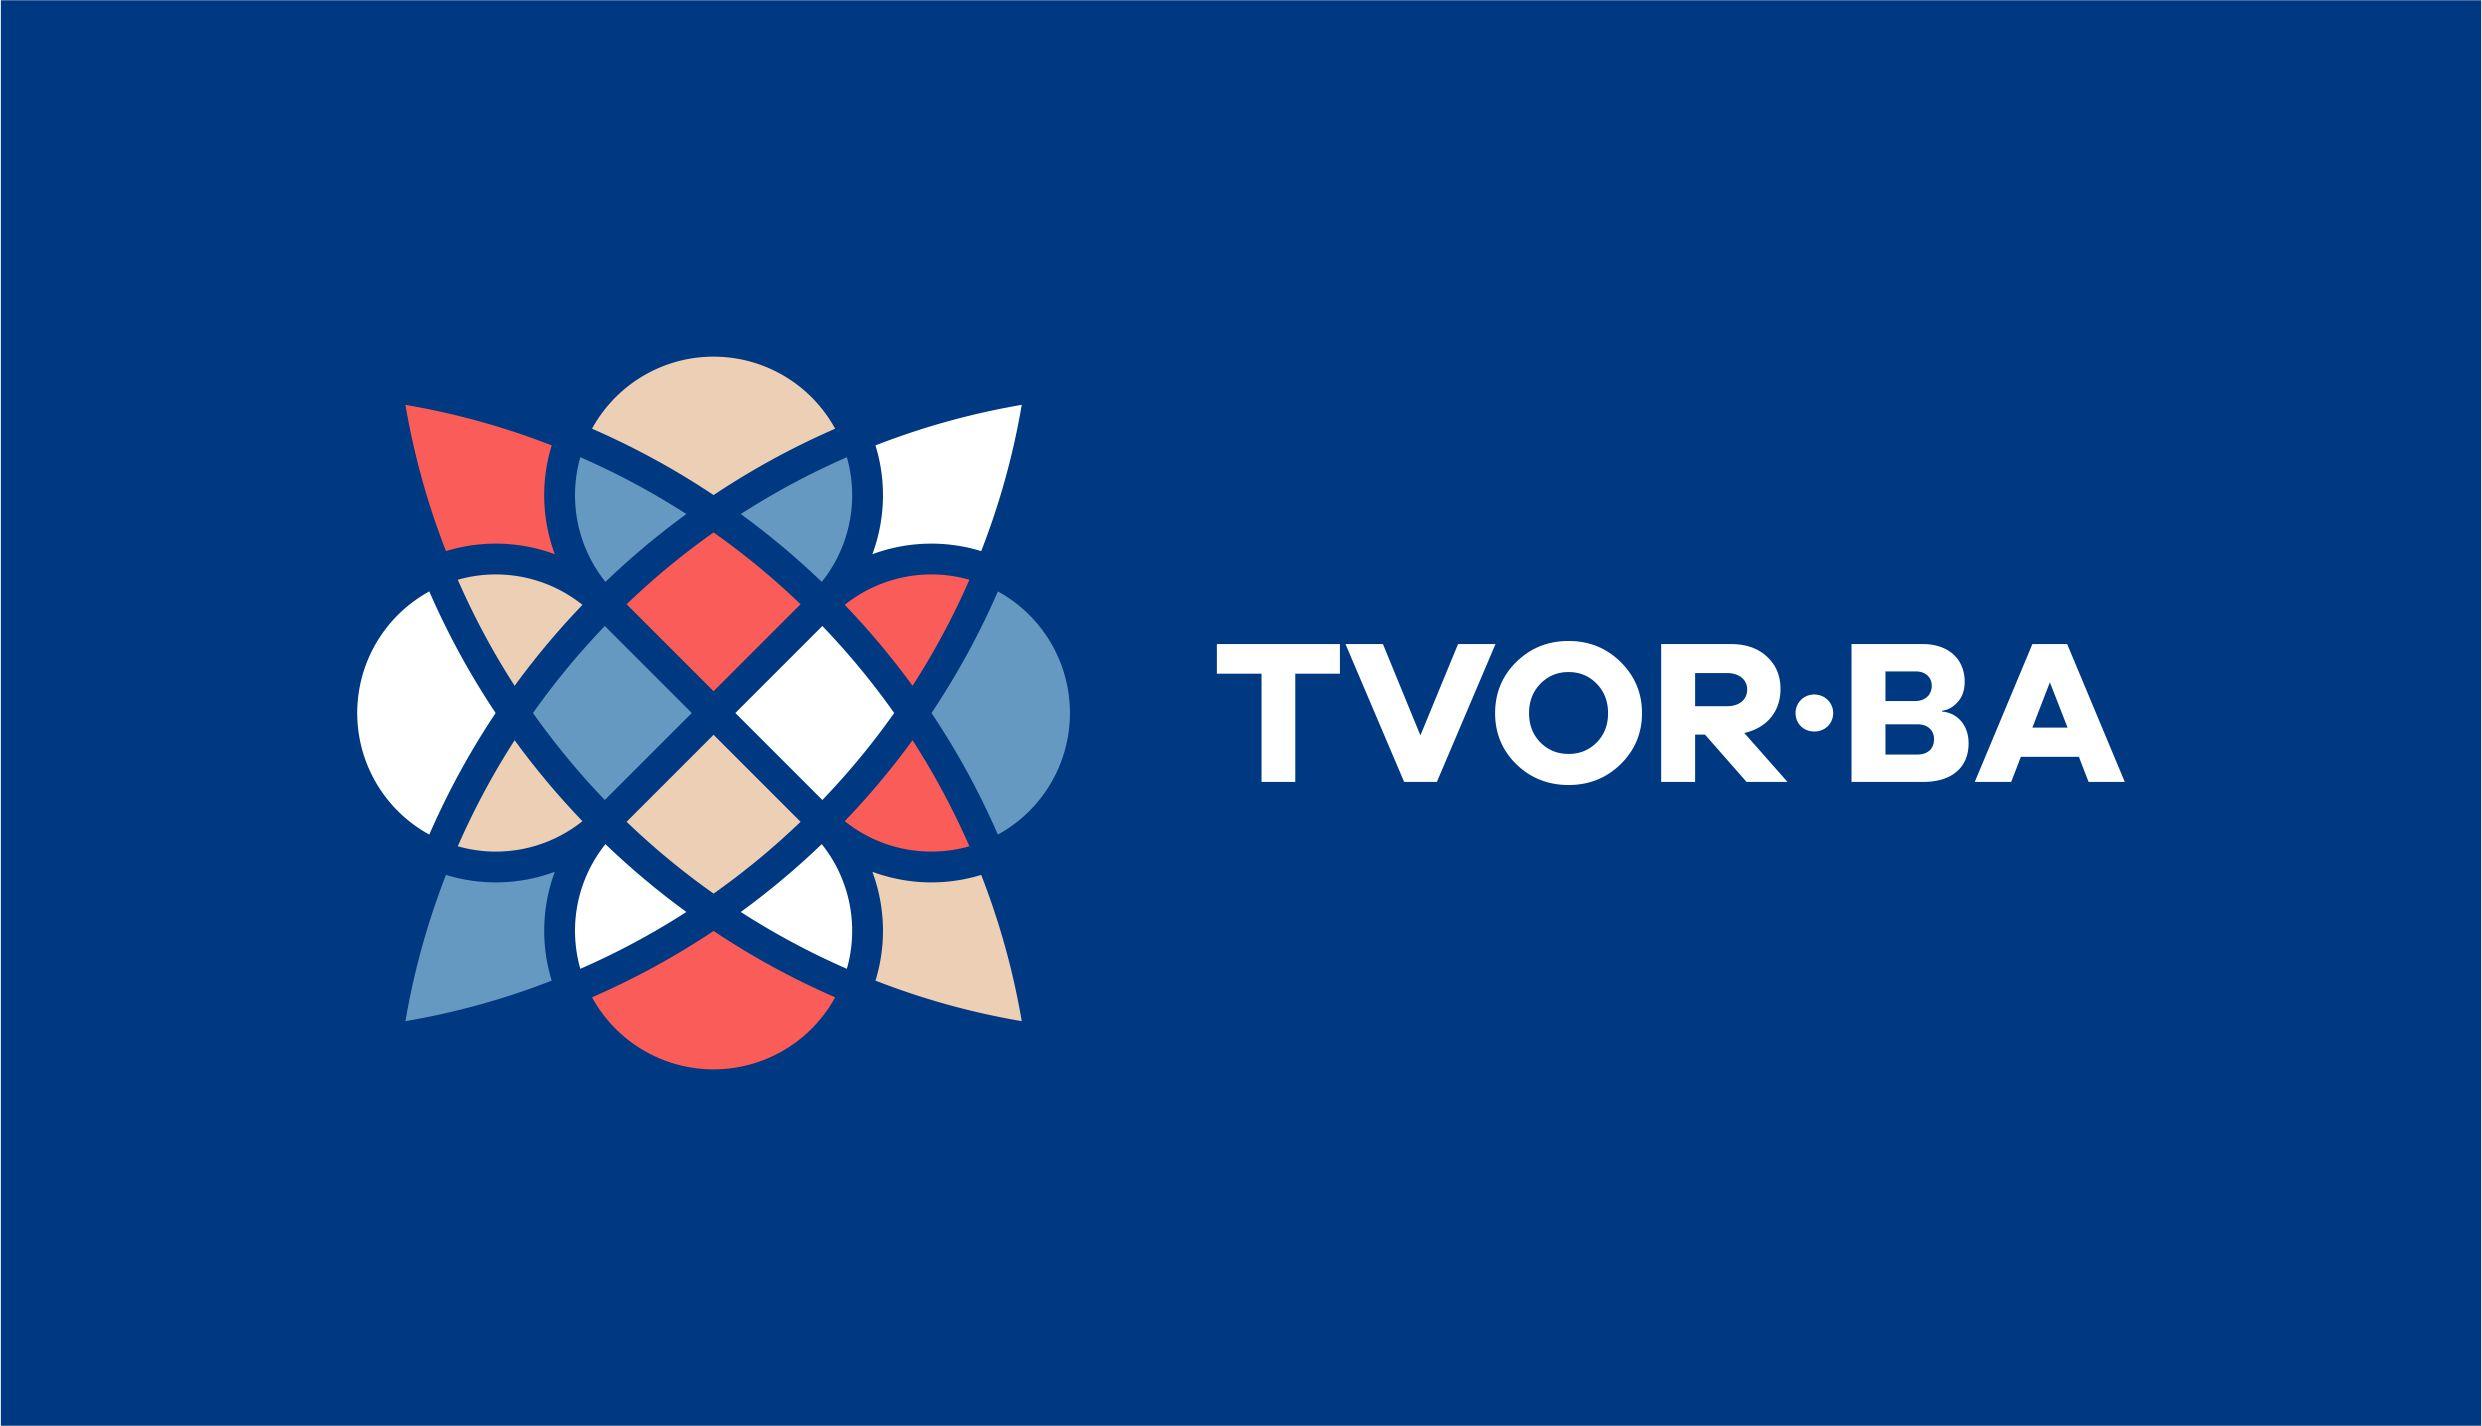 TVOR•BA festival neprofesionálneho umenia – výtvarné umenie